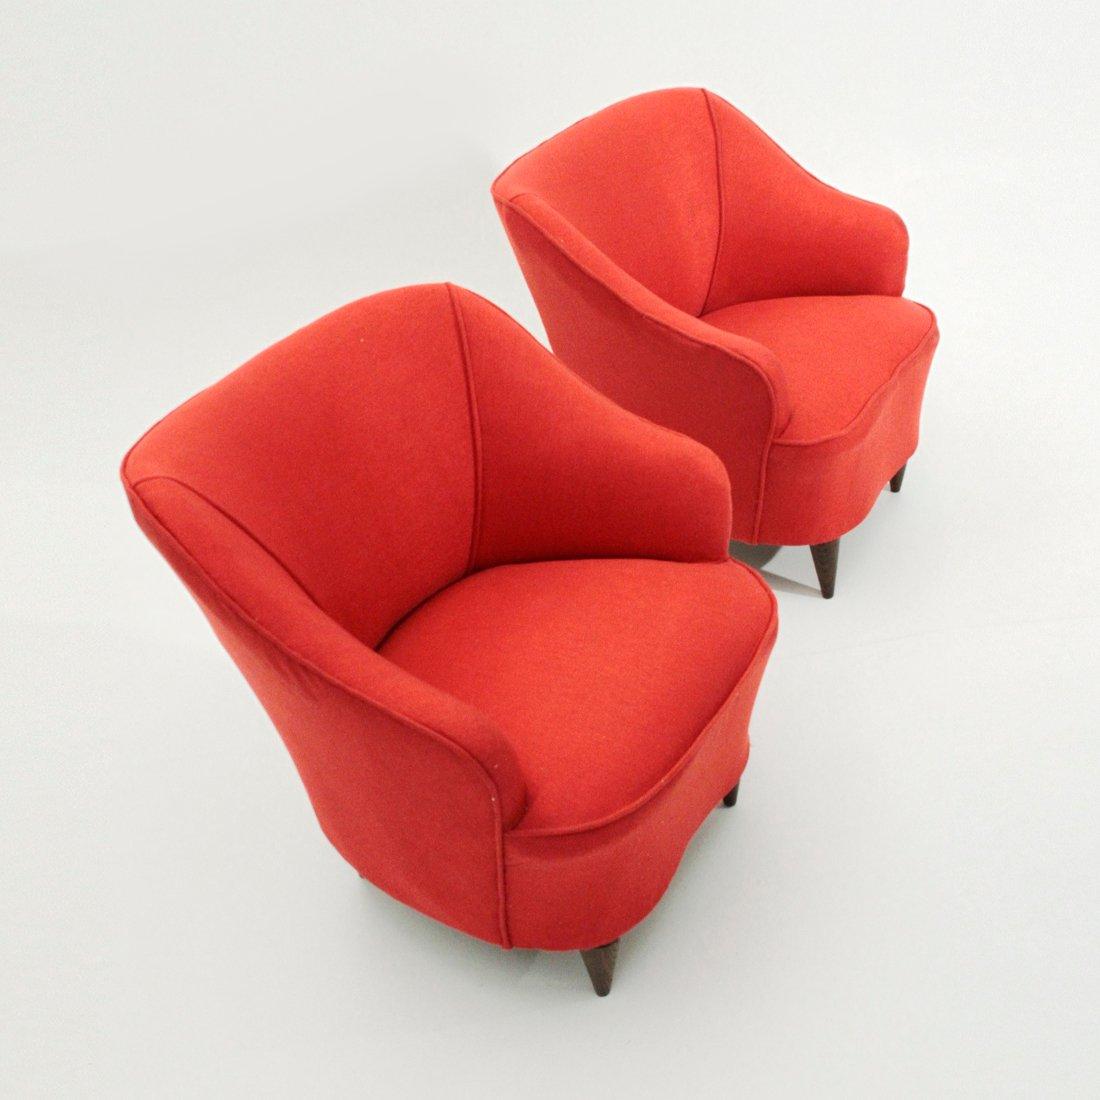 Poltrone rosse italia anni 39 40 set di 2 in vendita su for Poltrone anni 40